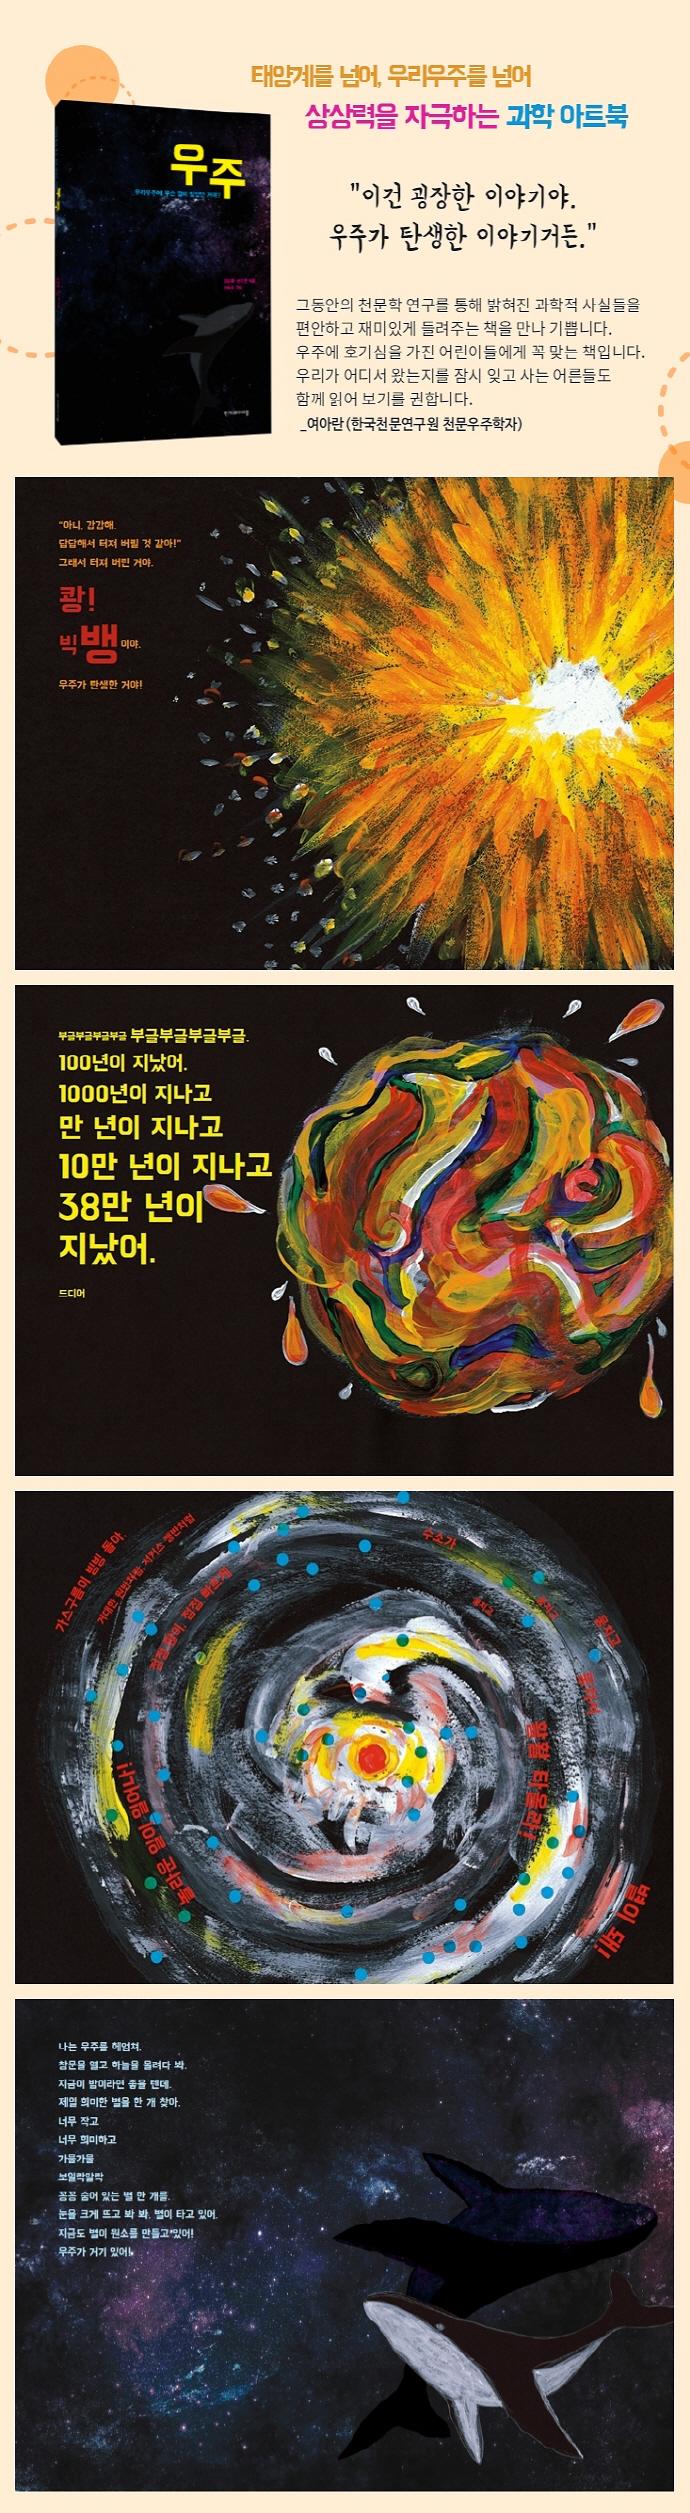 우주(양장본 HardCover) 도서 상세이미지